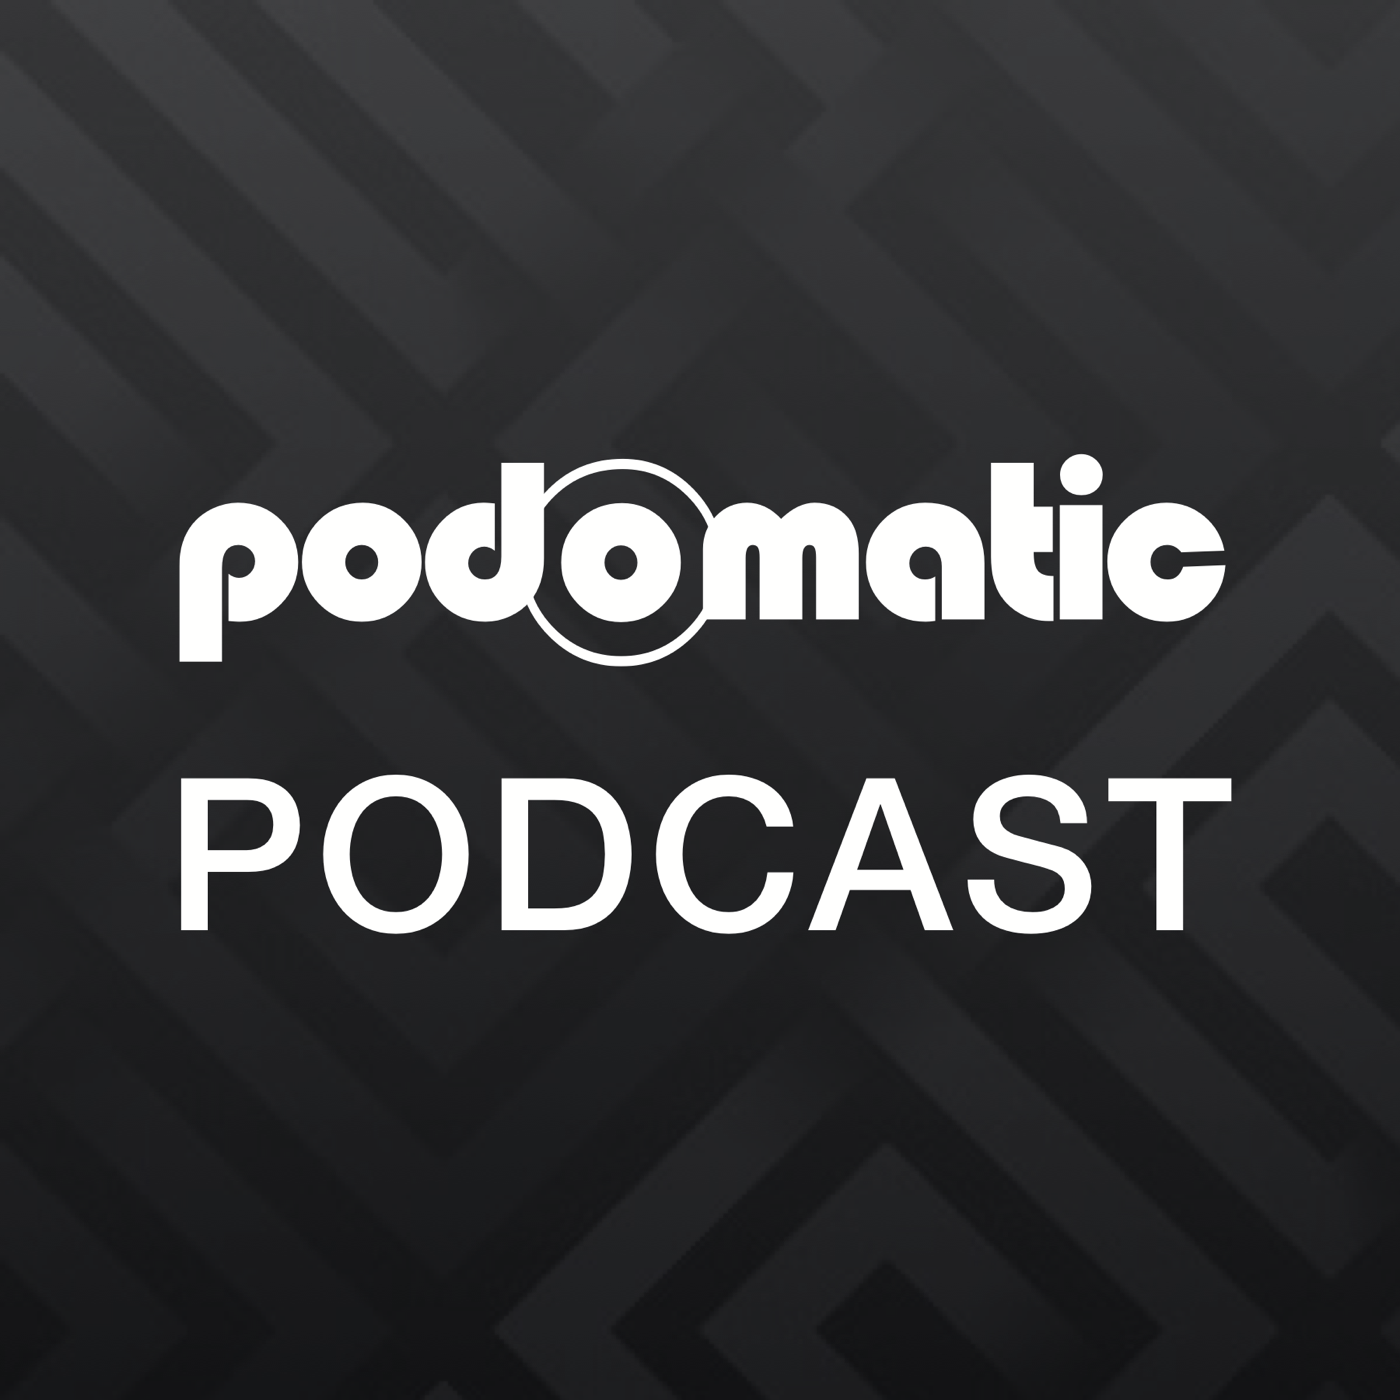 adam michel goninen's Podcast